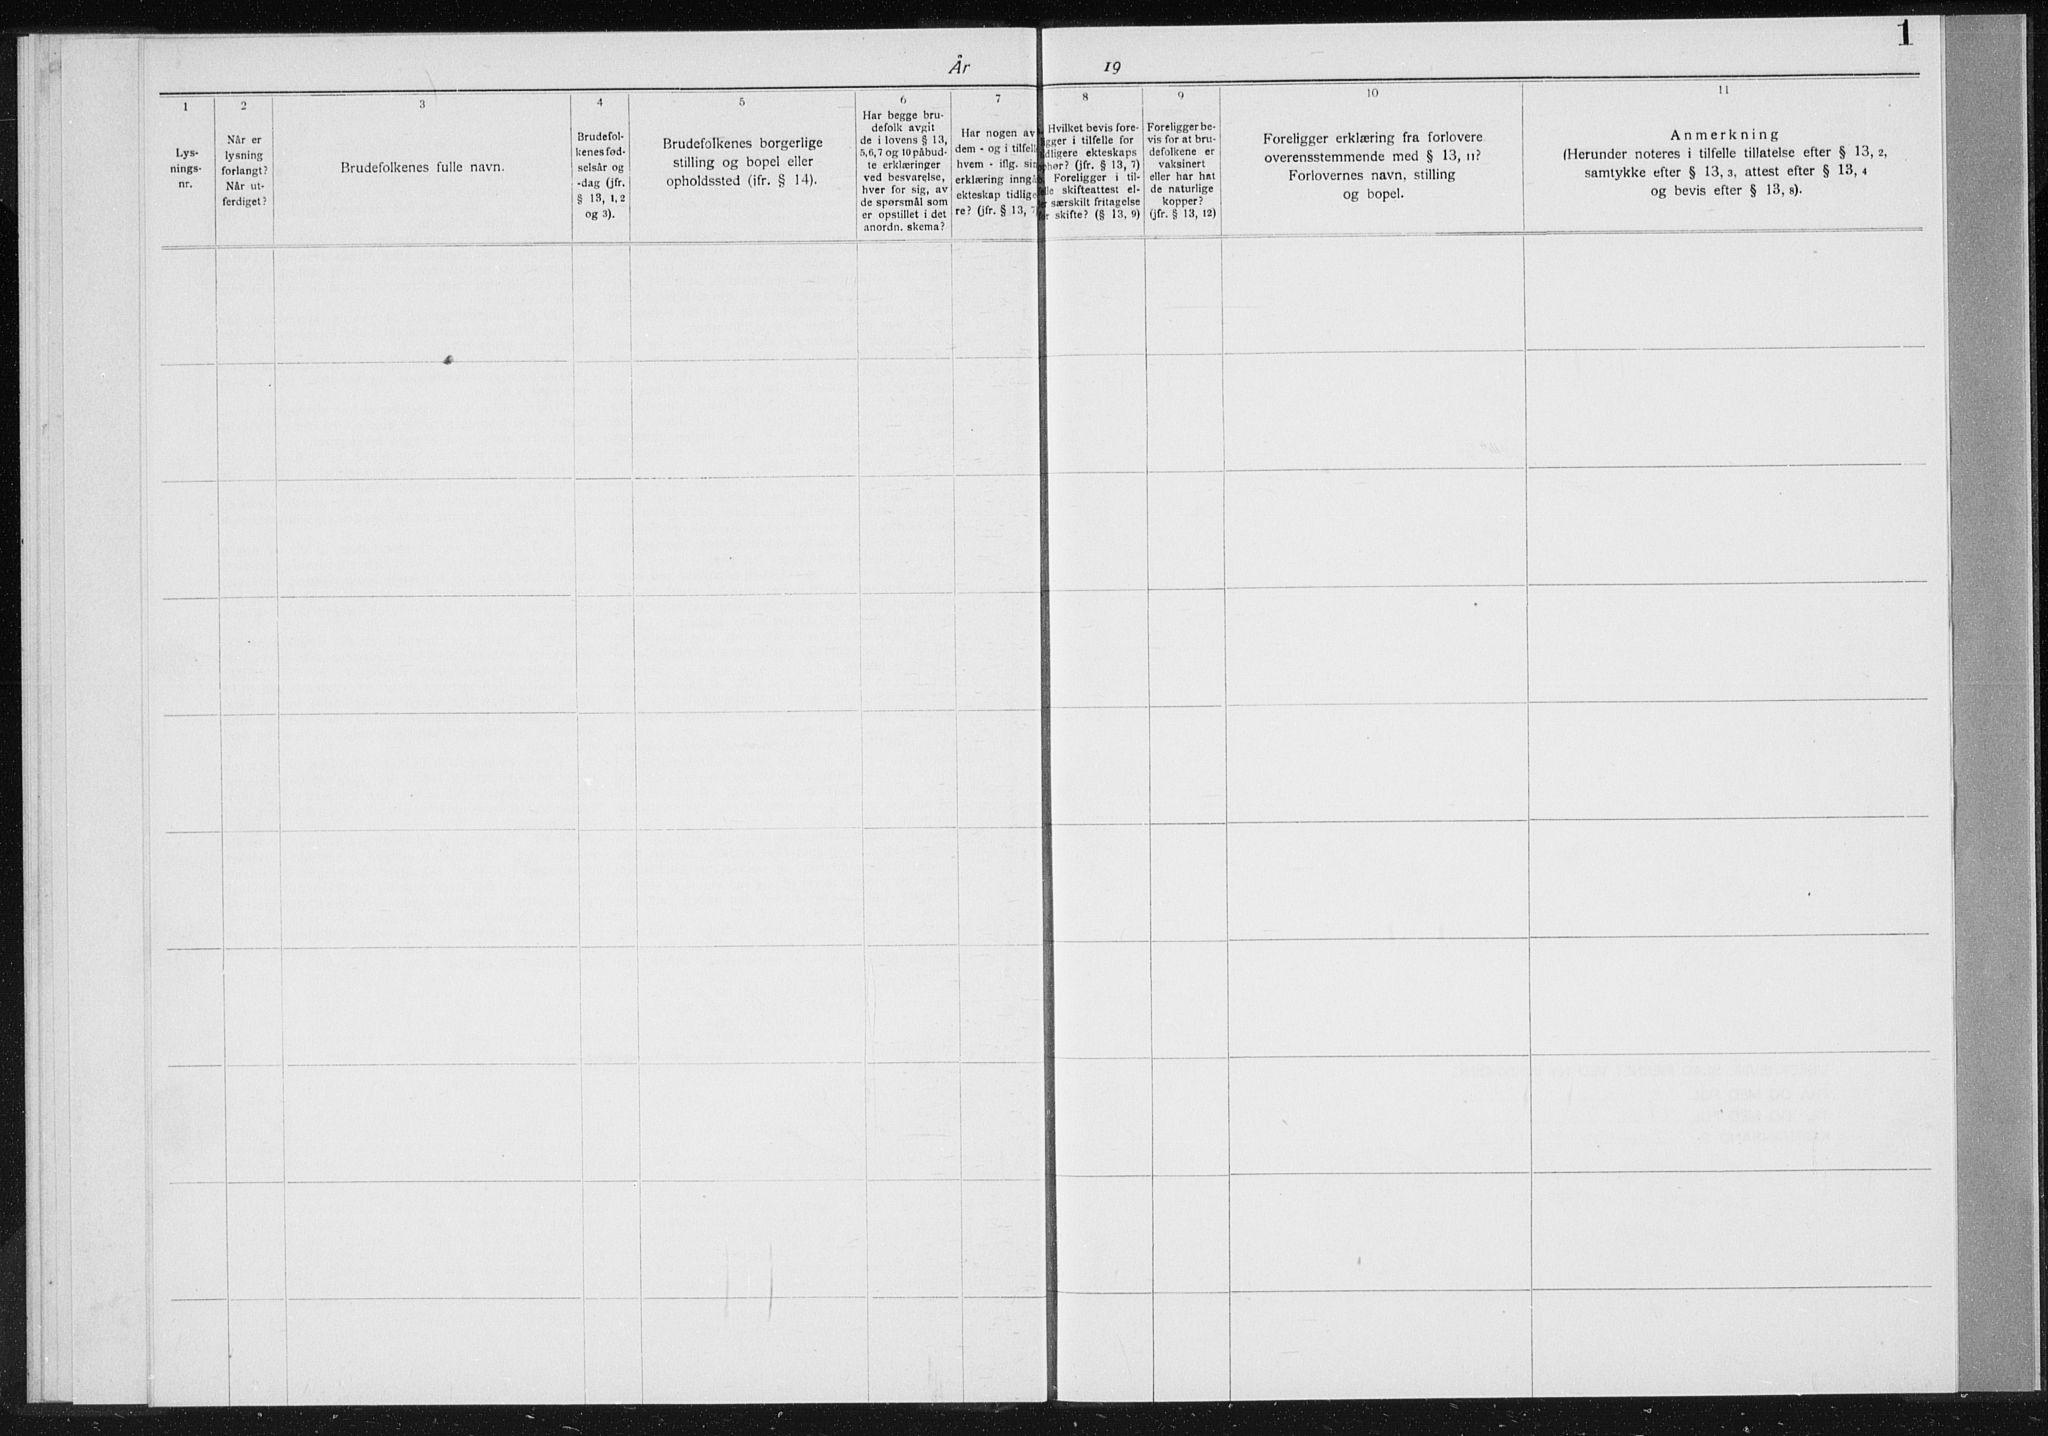 SAK, Baptistmenigheten i Gyland, F/Fa/L0001: Dissenterprotokoll nr. F 1, 1902-1937, s. 1